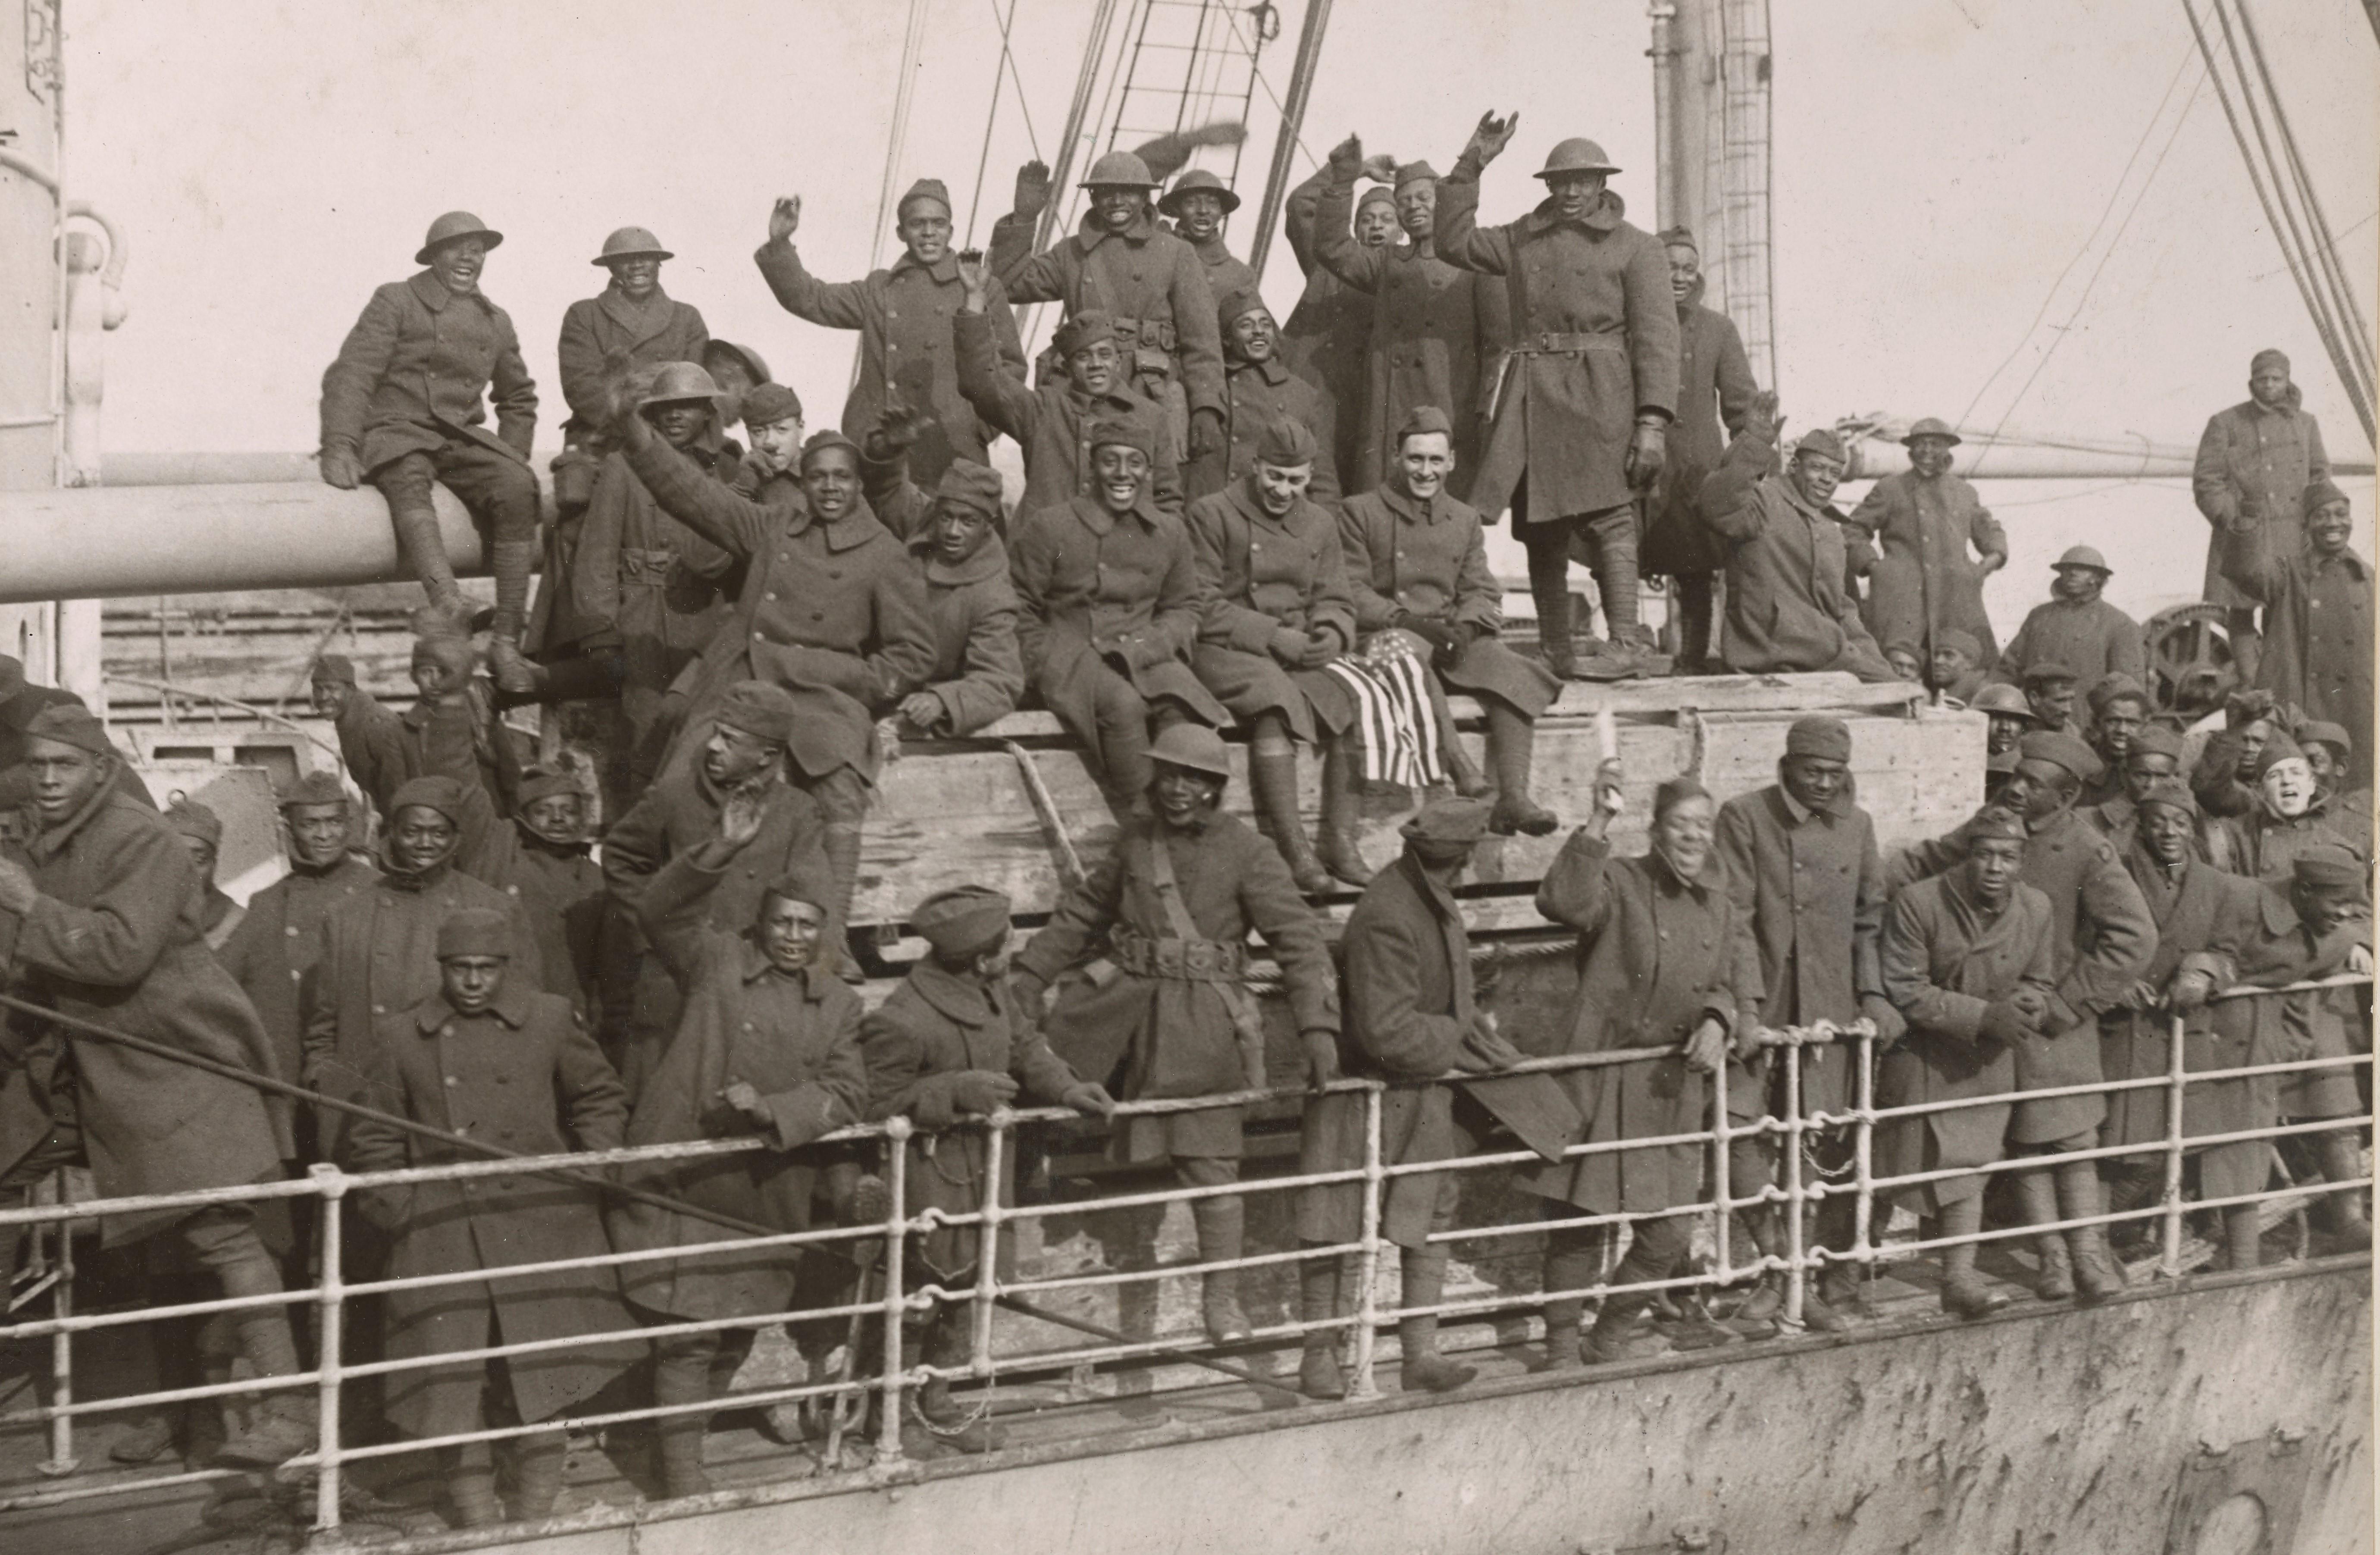 Des soldats du 369e d'infanterie (colored troops), une unité fameuse de l'armée américaine NARA 165-WW-127A-042 – Copie